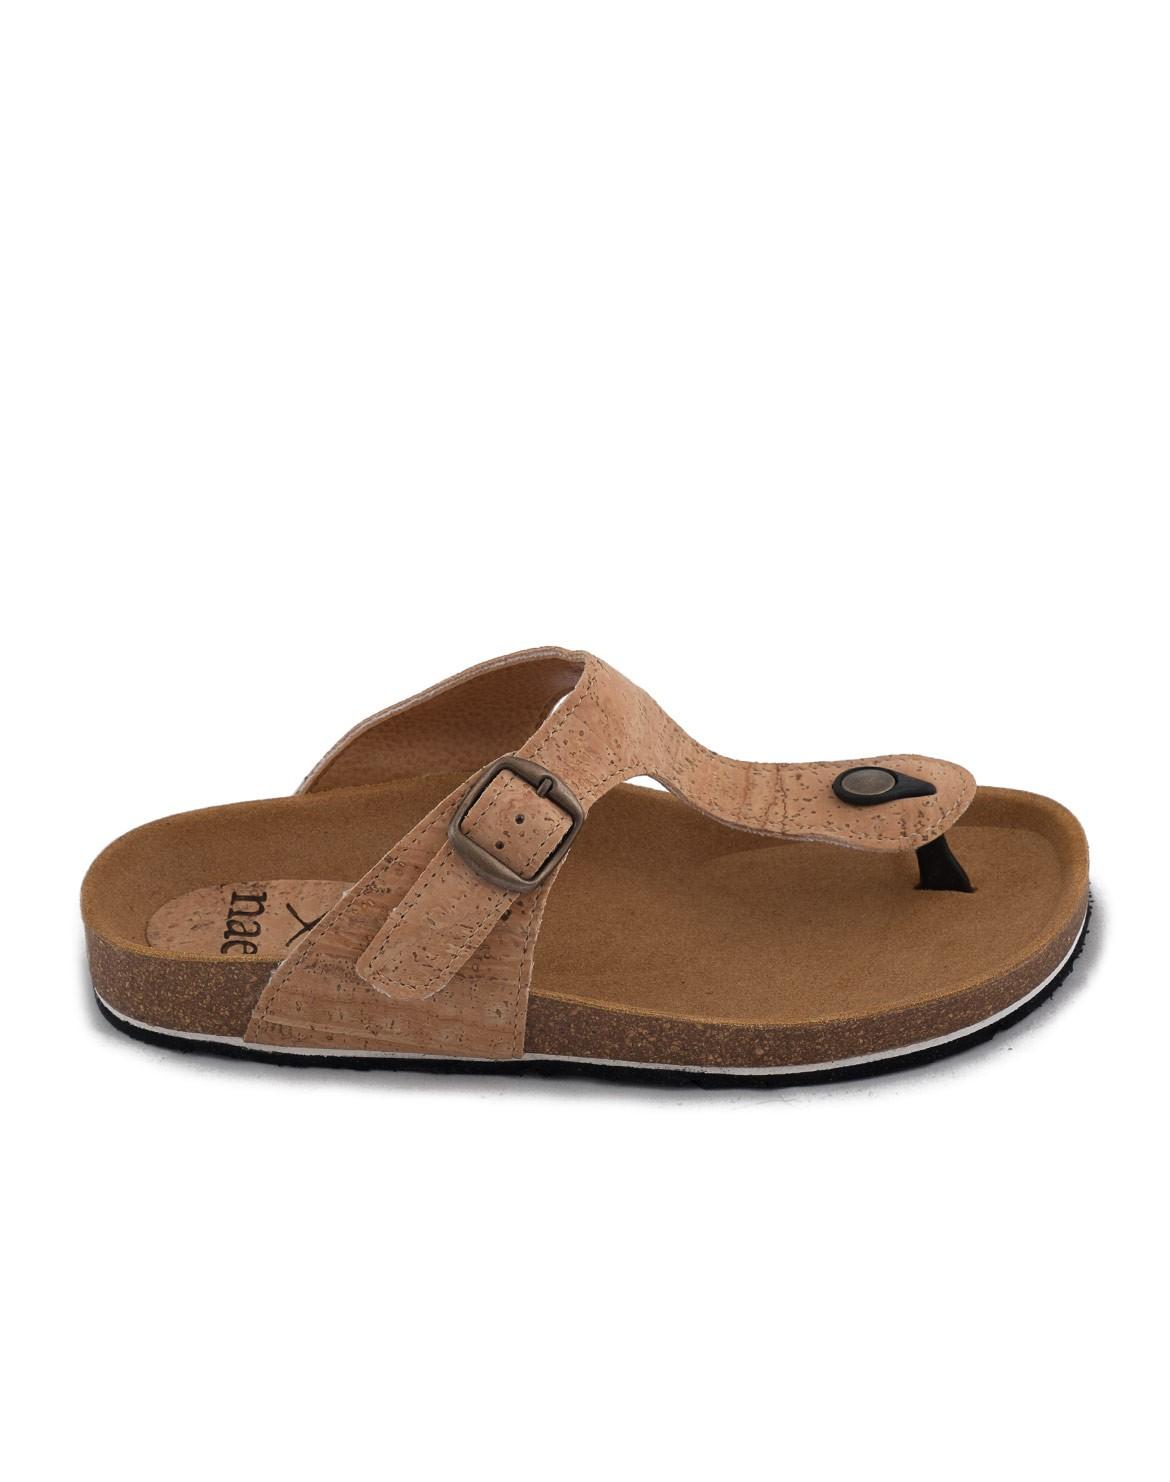 Kos Sandale Kork